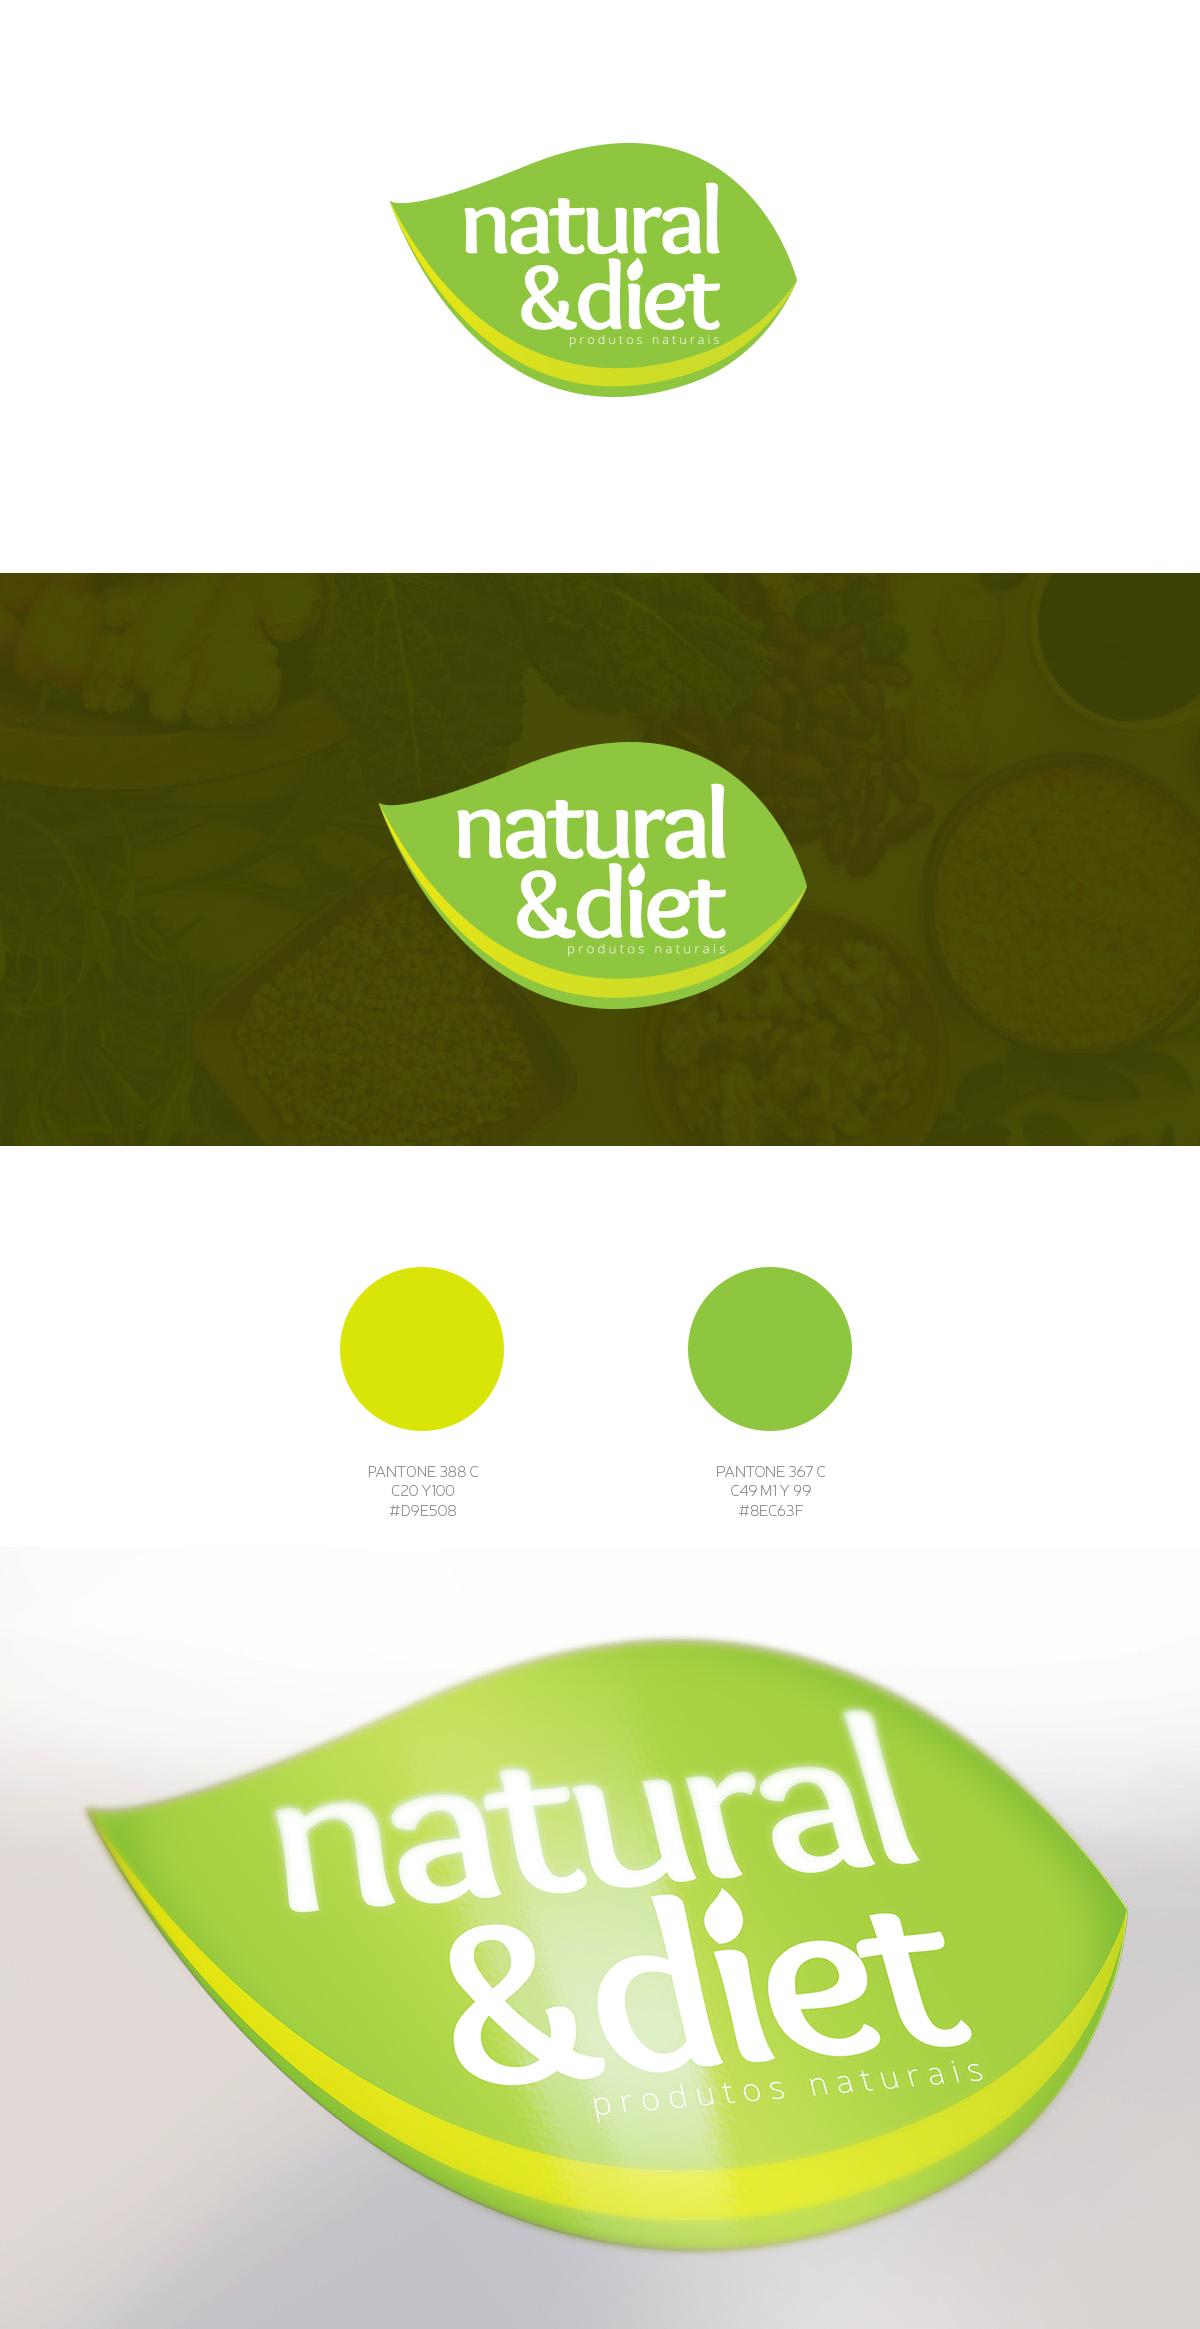 Natural & Diet